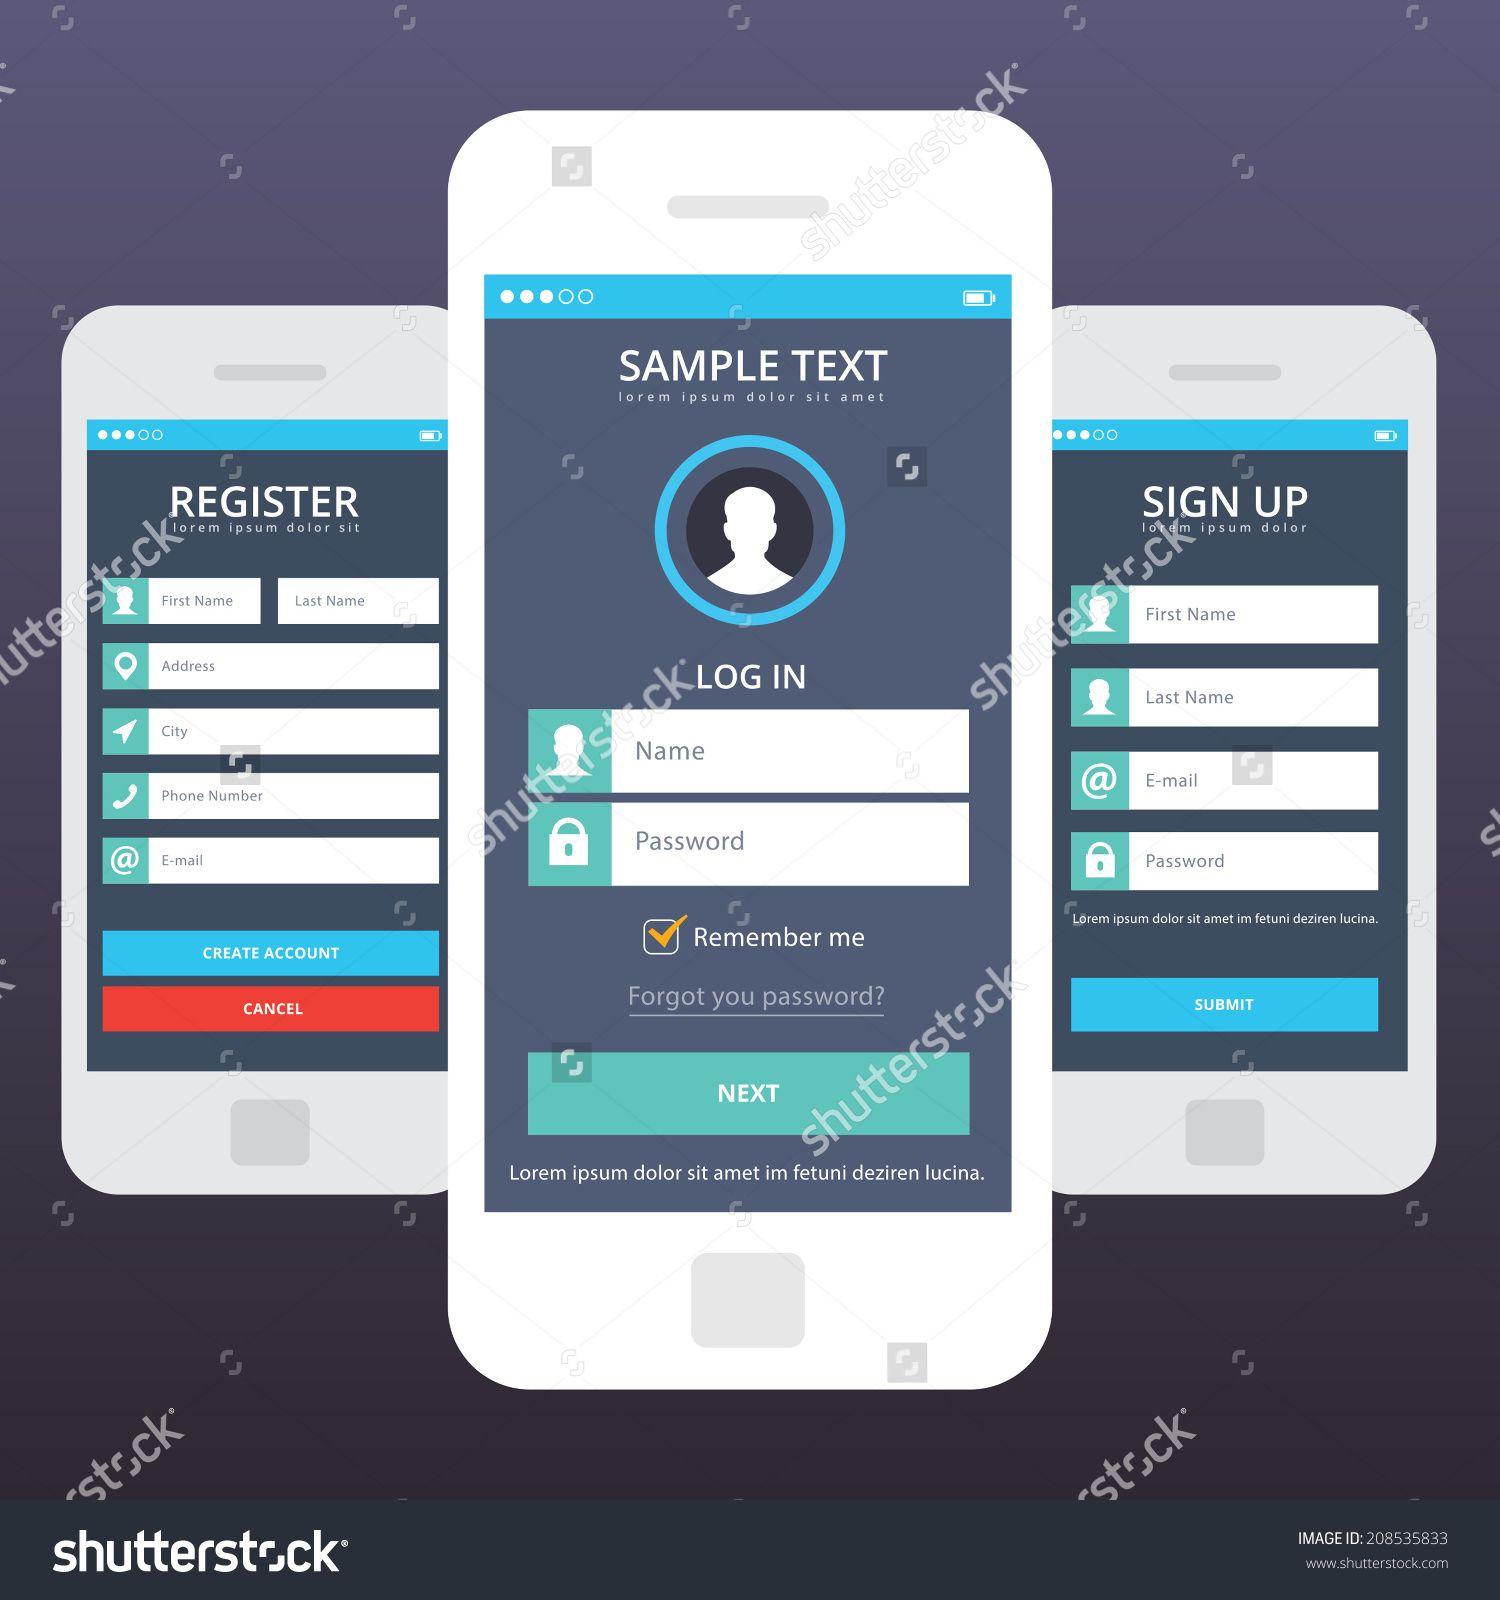 Image result for app login screen